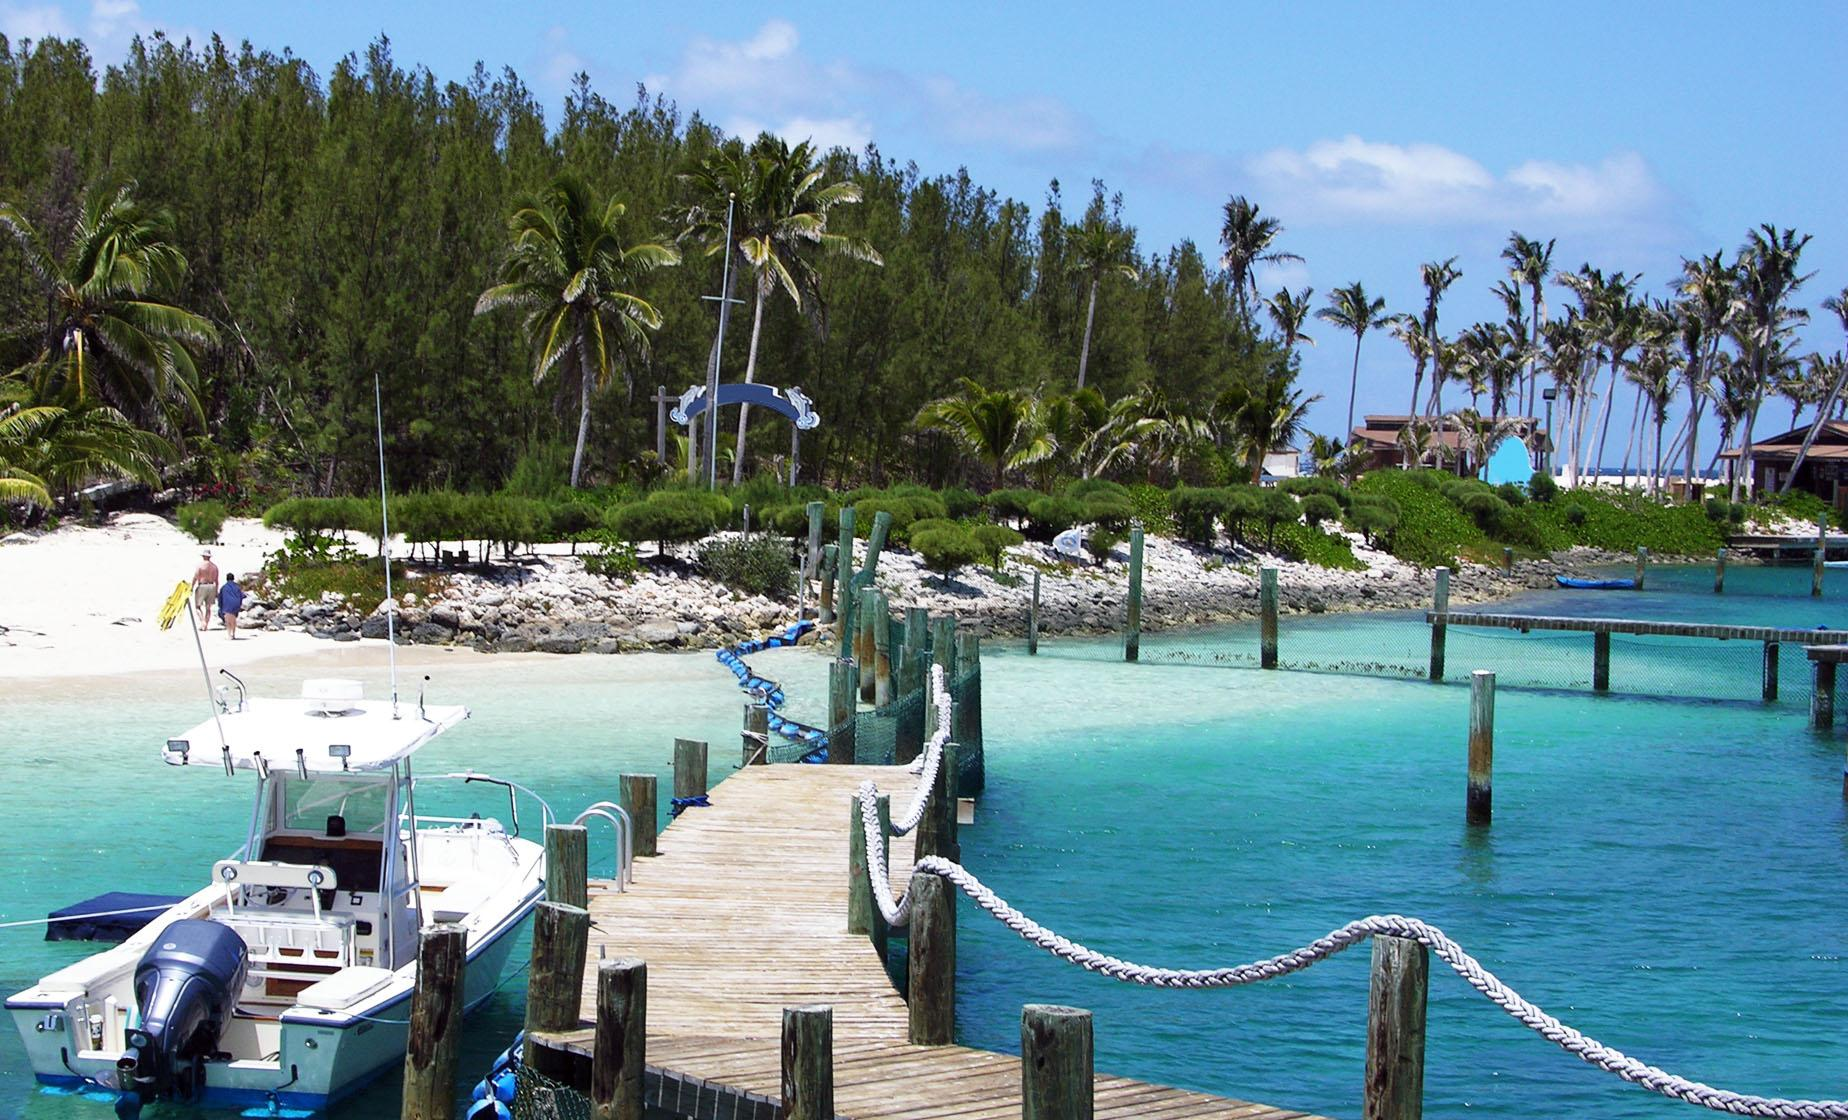 Blue Lagoon Island Beach Day Excursion In Nassau